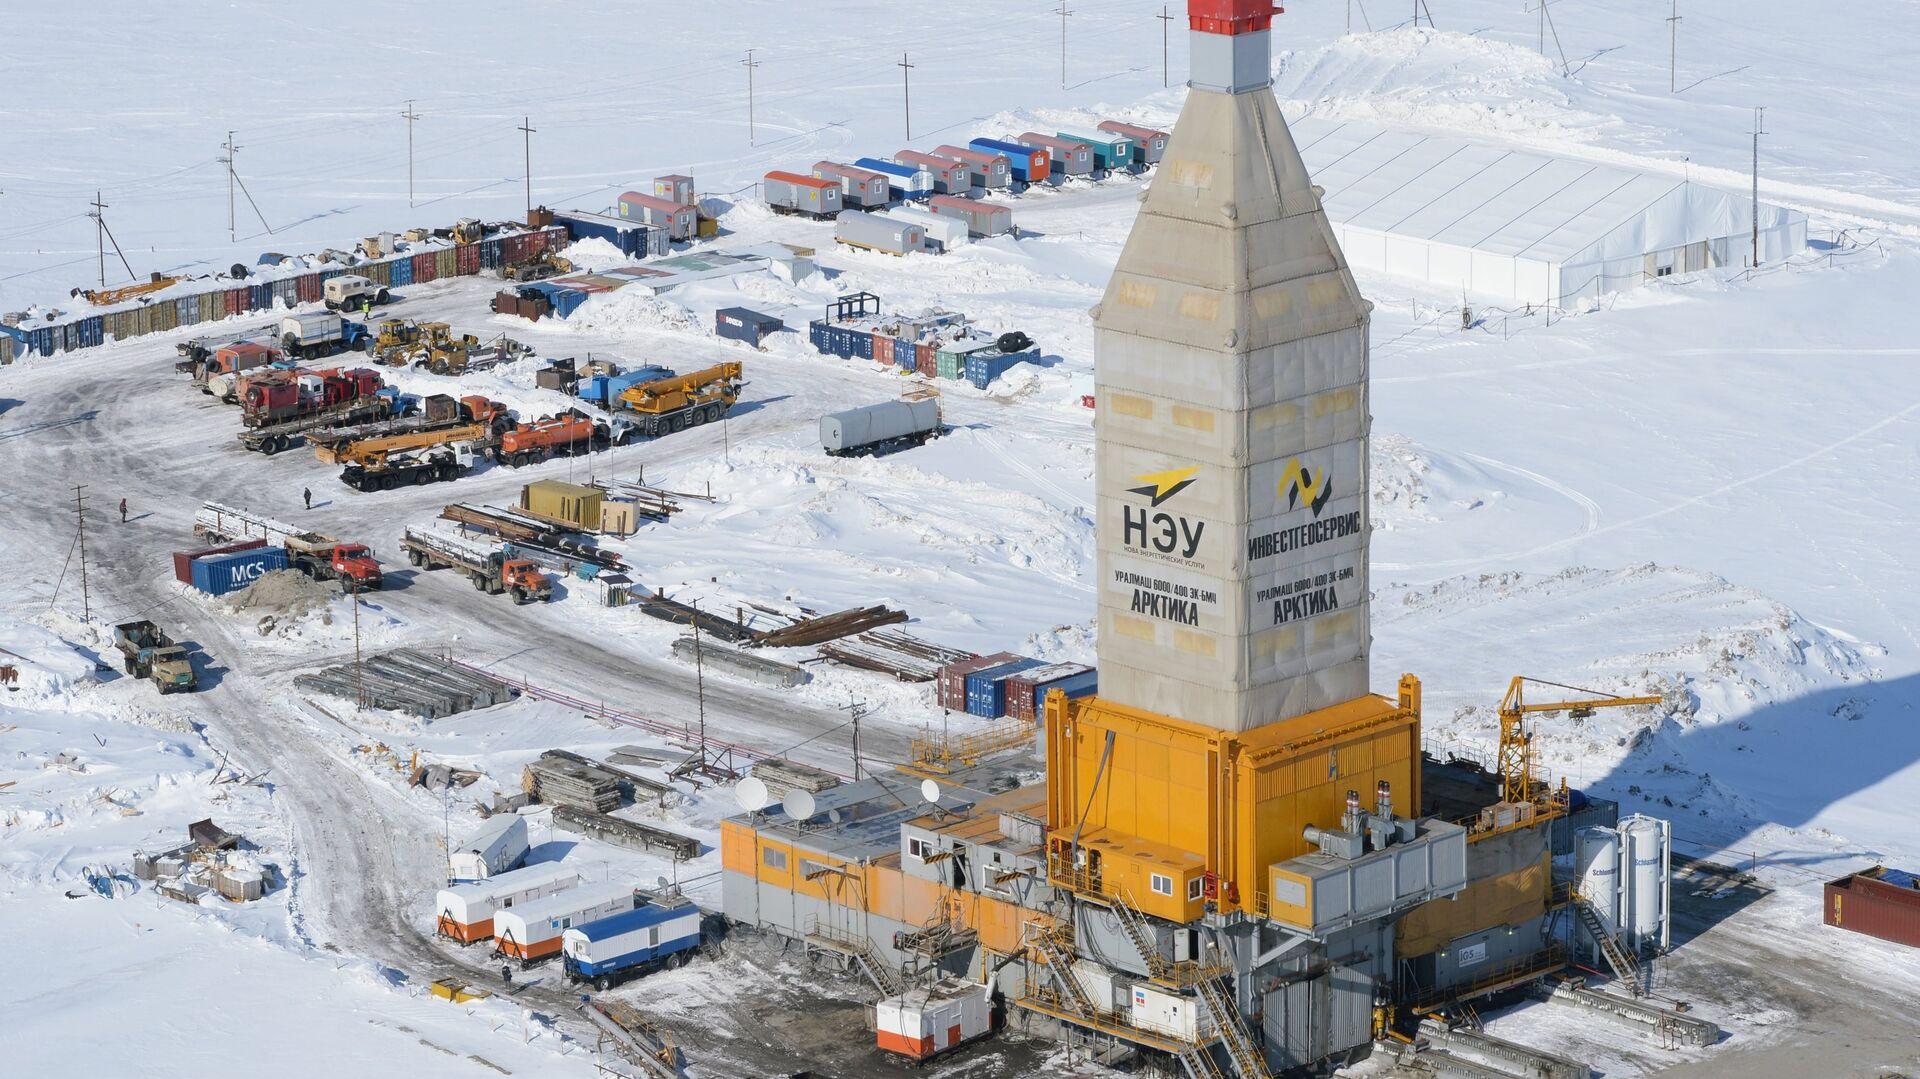 Equipo de perforación en un yacimiento de gas natural en Yamal (archivo) - Sputnik Mundo, 1920, 19.04.2021